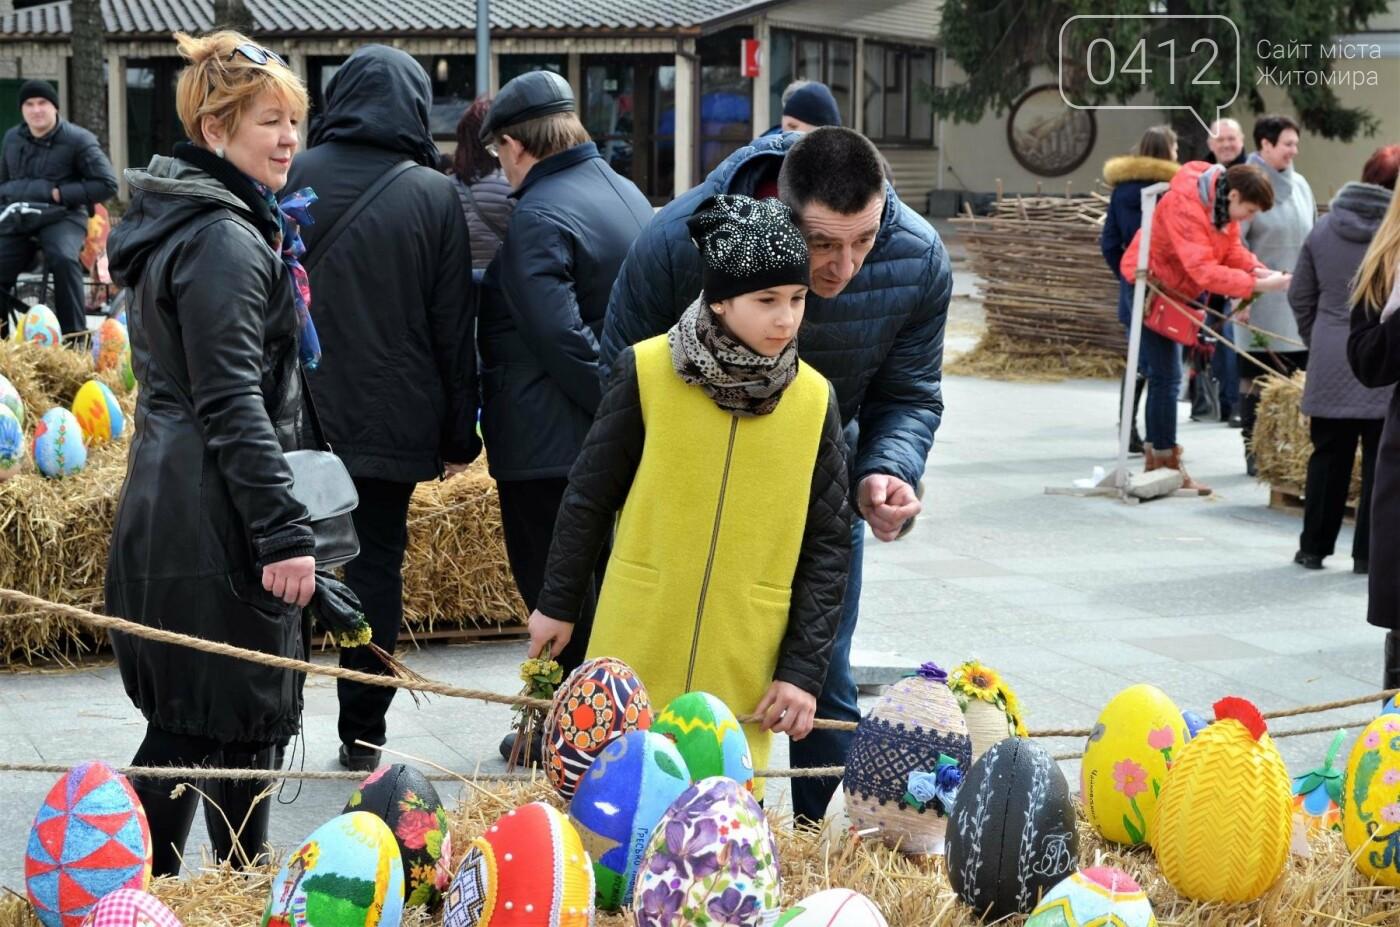 Ярмарок, фотолокації та розваги: у Житомирі розпочалися Великодні святкування, фото-5